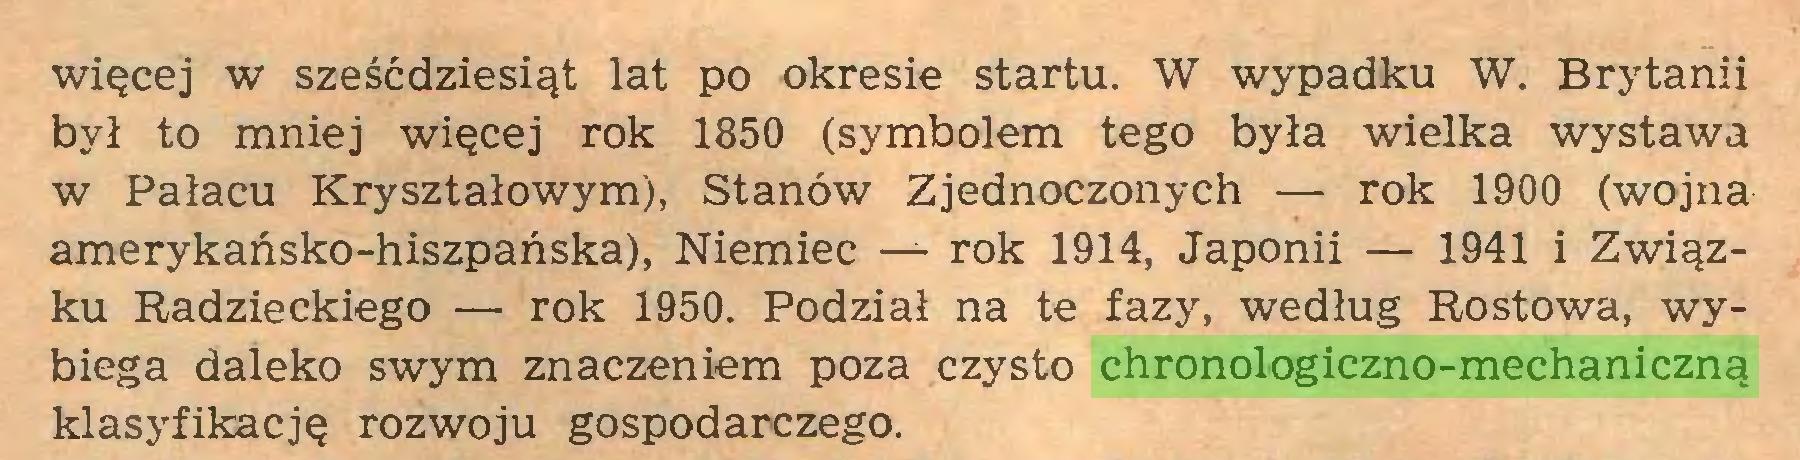 (...) więcej w sześćdziesiąt lat po okresie startu. W wypadku W. Brytanii był to mniej więcej rok 1850 (symbolem tego była wielka wystawa w Pałacu Kryształowym), Stanów Zjednoczonych — rok 1900 (wojna amerykańsko-hiszpańska), Niemiec — rok 1914, Japonii — 1941 i Związku Radzieckiego — rok 1950. Podział na te fazy, według Rostowa, wybiega daleko swym znaczeniem poza czysto chronologiczno-mechaniczną klasyfikację rozwoju gospodarczego...